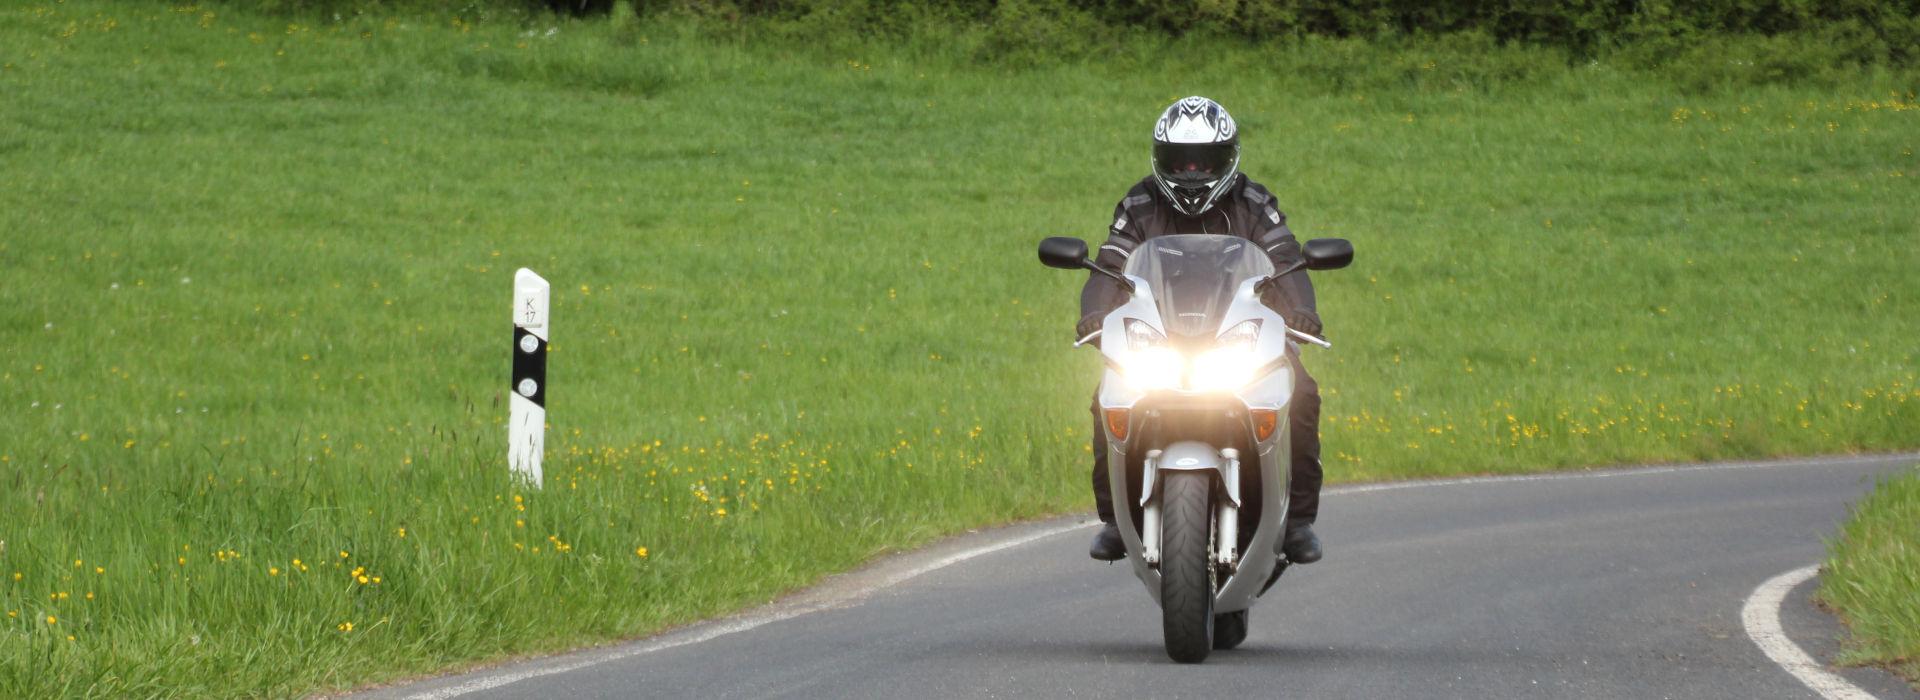 Motorrijbewijspoint Molenhoek spoed motorrijbewijs